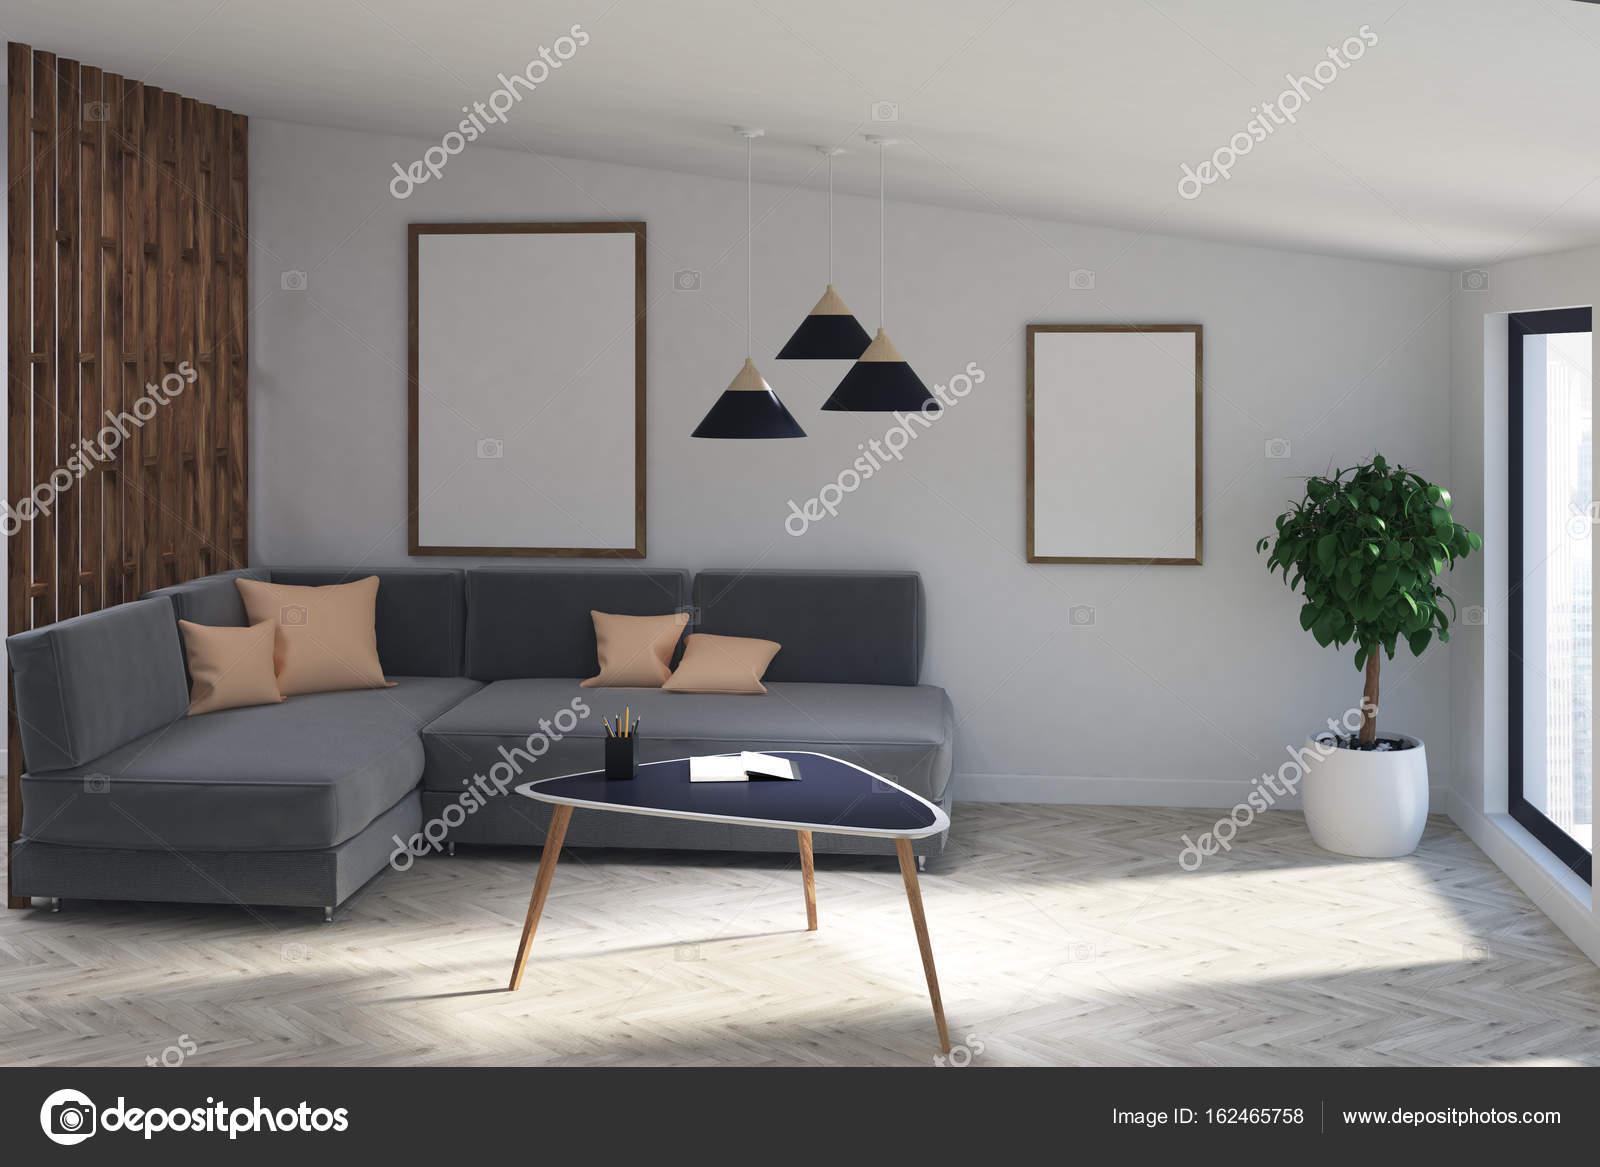 Grijze bank woonkamer met twee posters, boom — Stockfoto ...